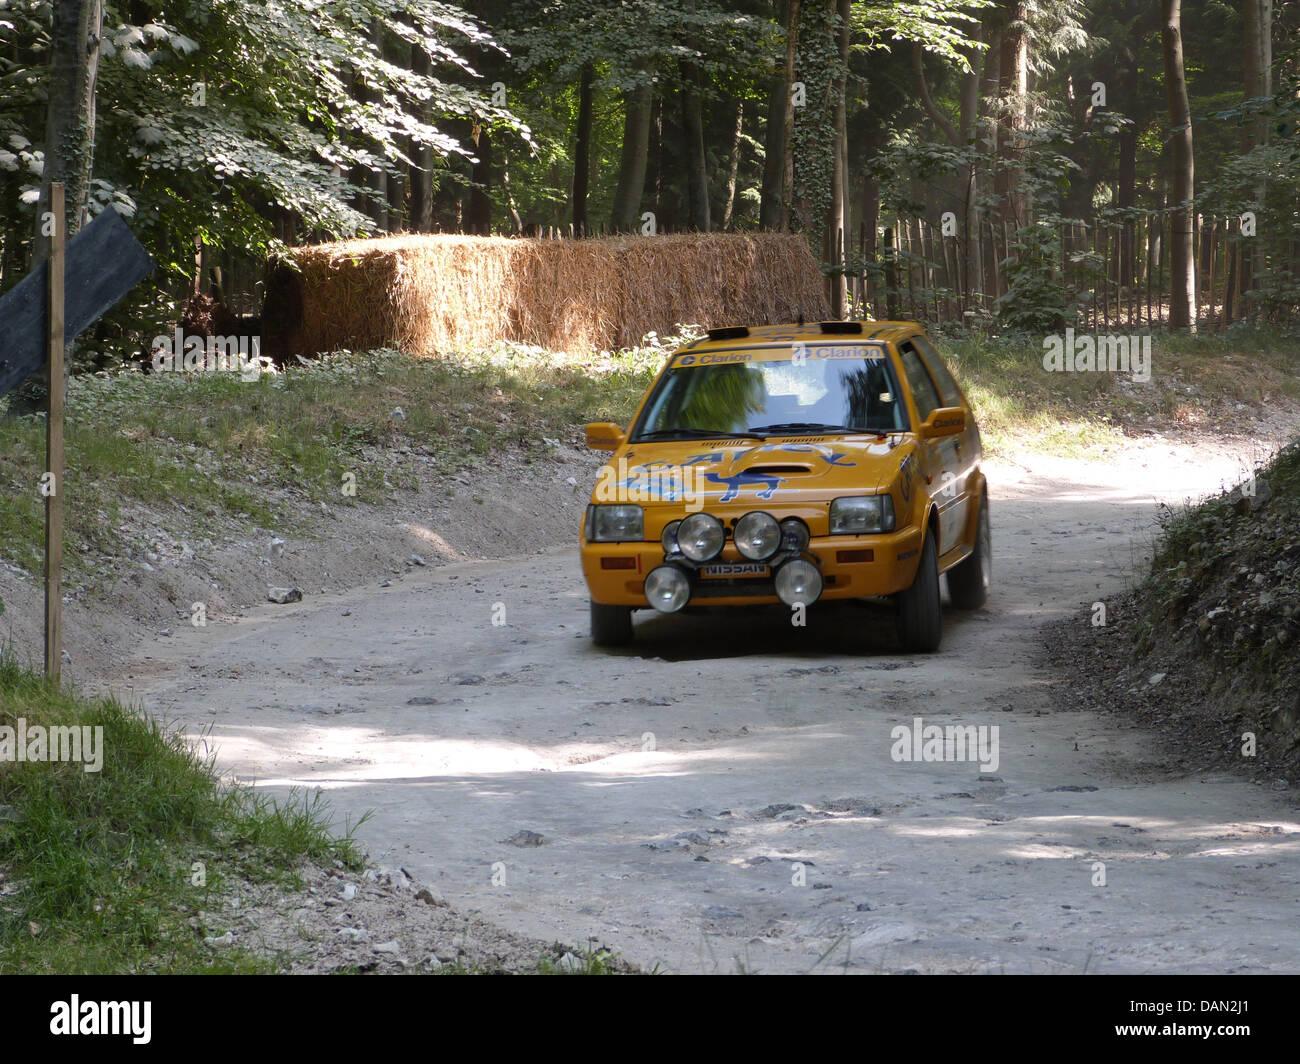 Nissan Micra Rally Car Goodwood Festival della velocità 2013 Immagini Stock